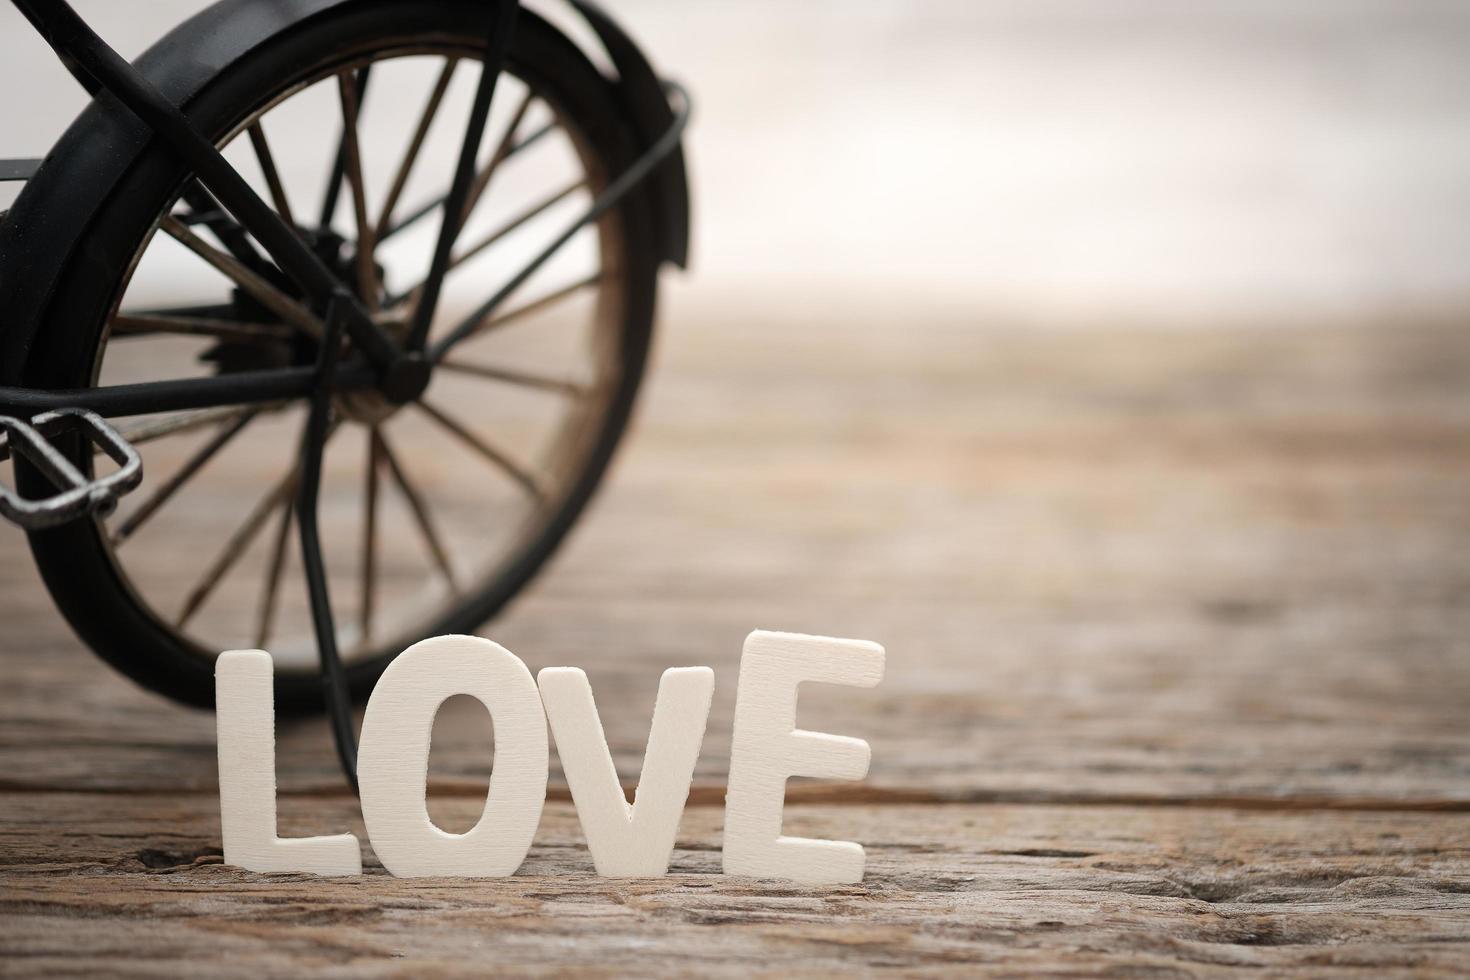 brieven liefde en speelgoedfiets foto